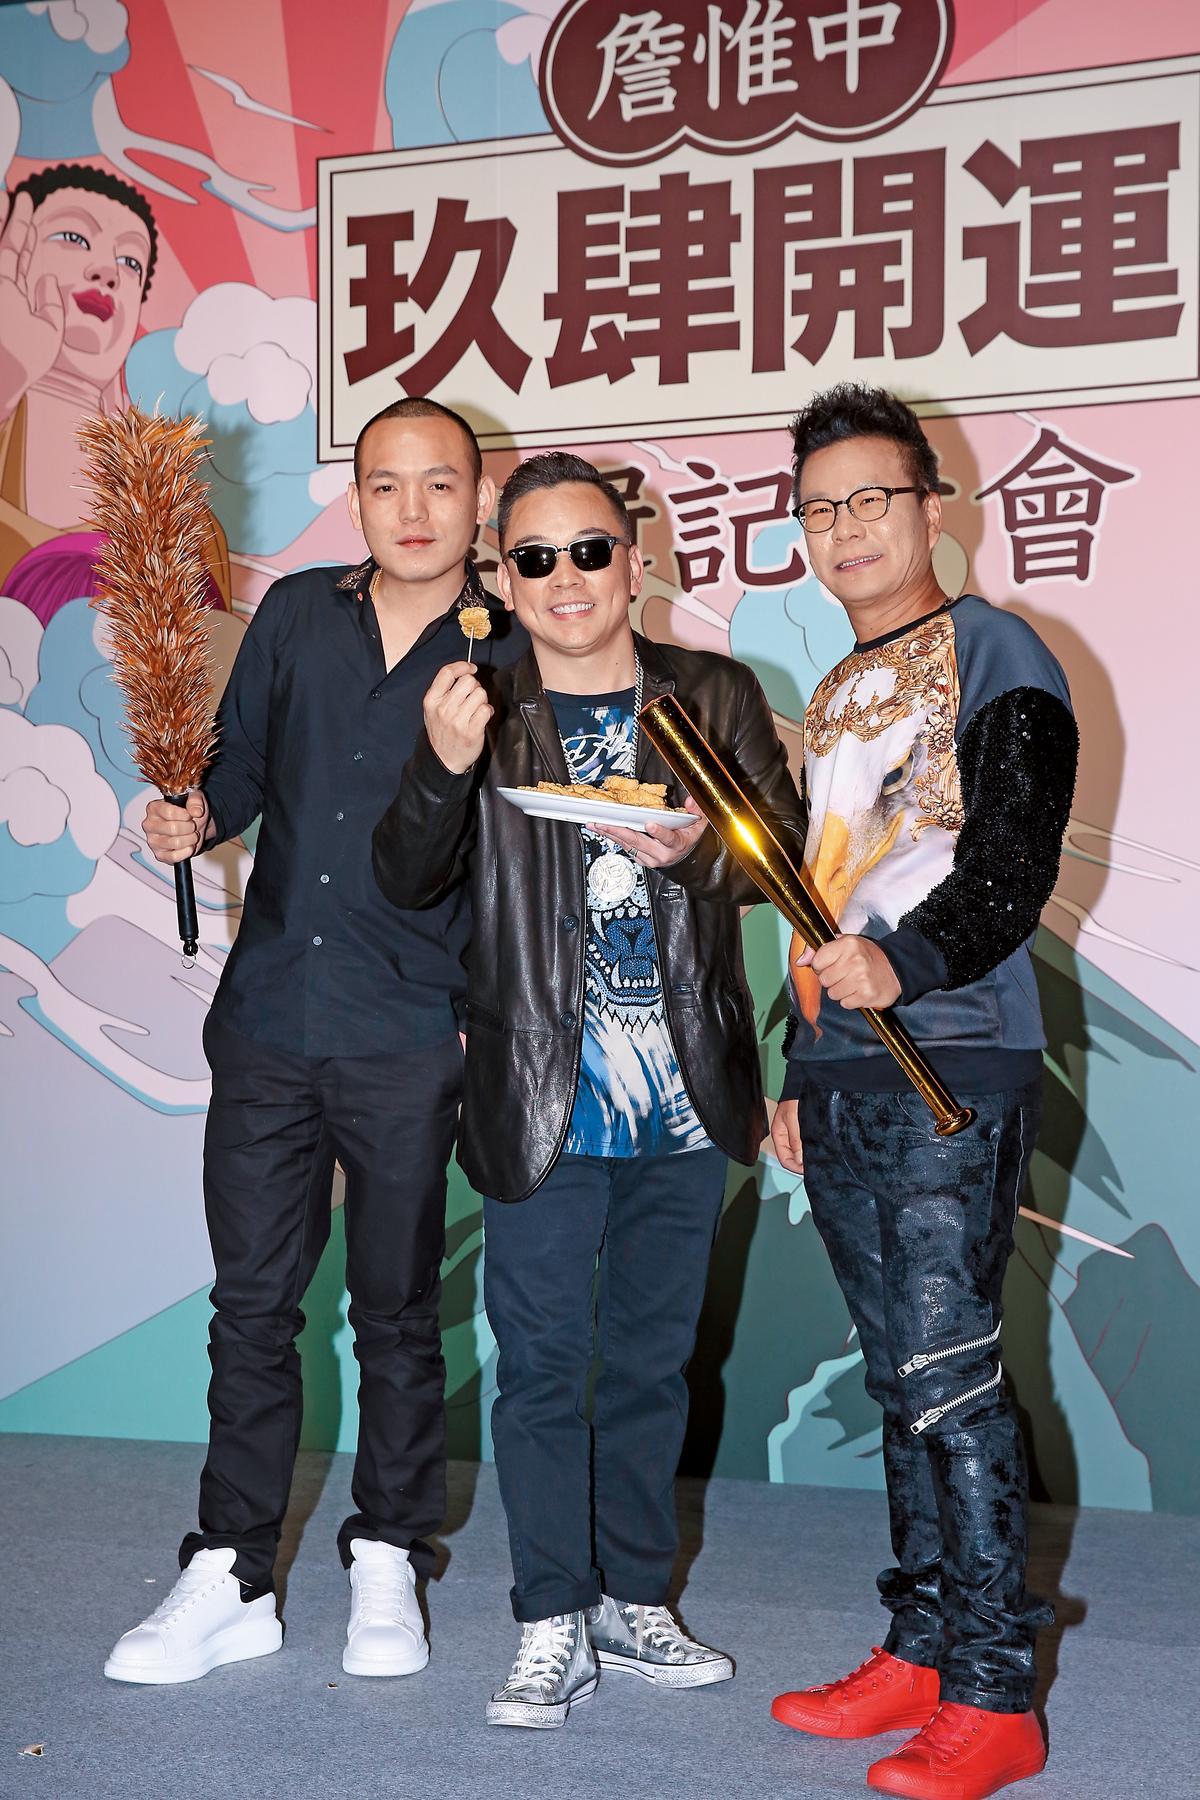 算命師詹惟中(中)之前發行新專輯《玖肆開運》,在記者會上預言「玖壹壹」團長春風(左)的桃花將會旺到如發春的公雞。右為沈玉琳。